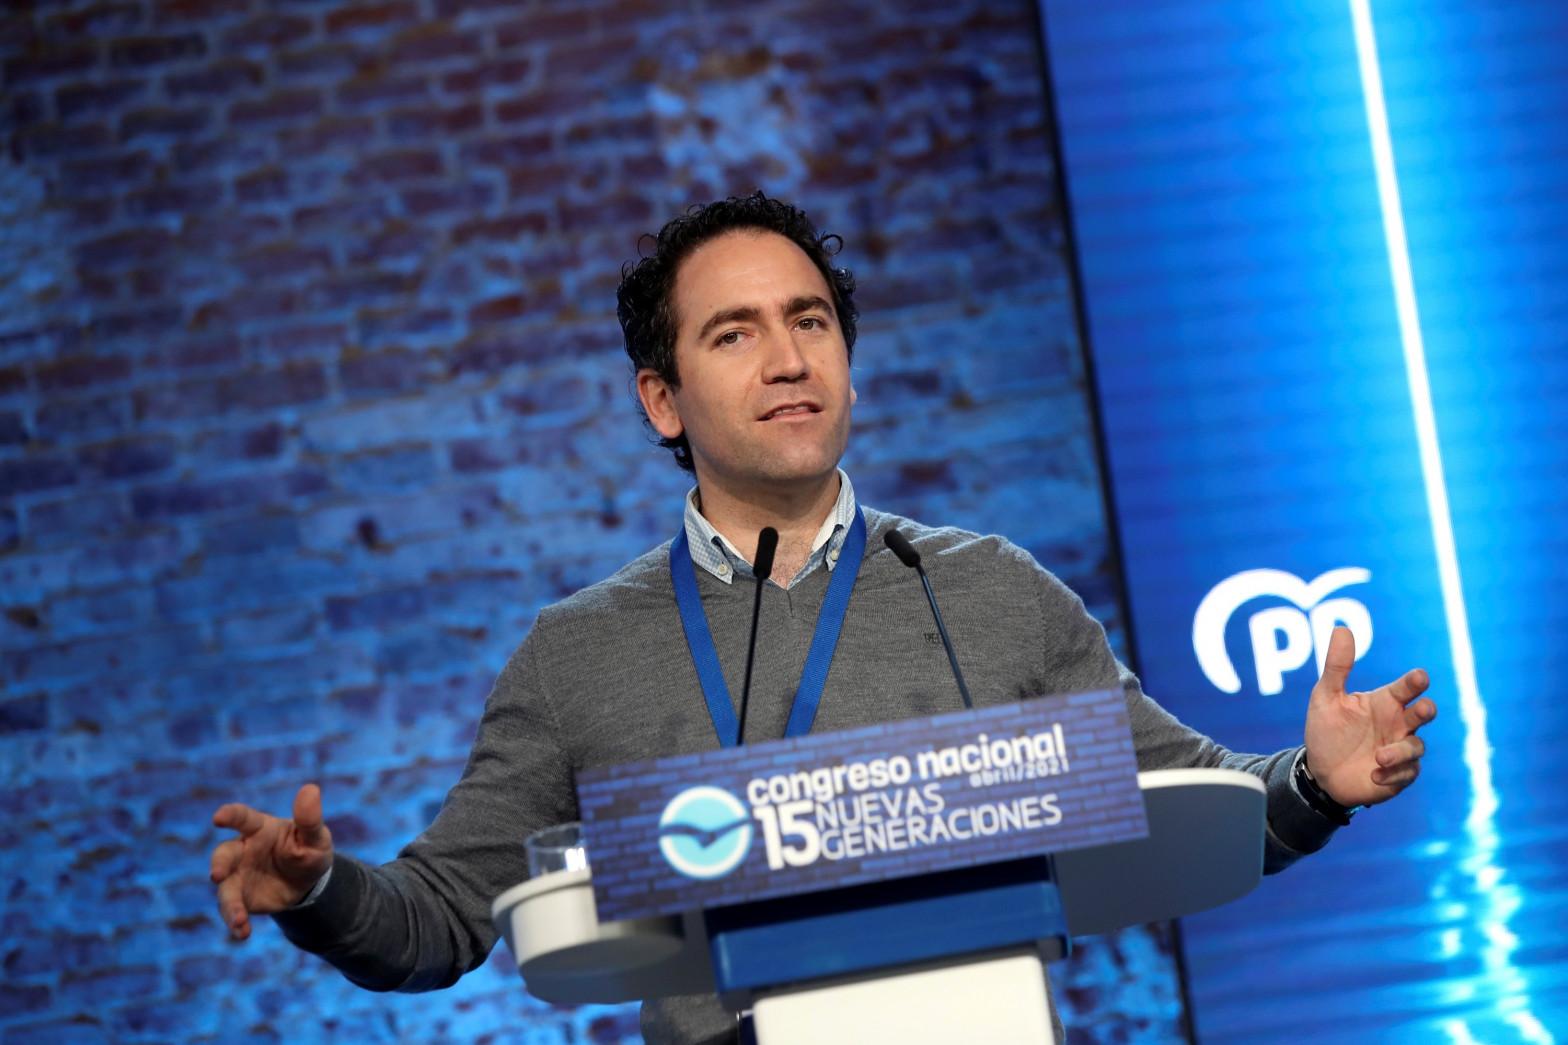 El PP exige al PSOE que condene los ataques de Podemos a los jueces y la prensa